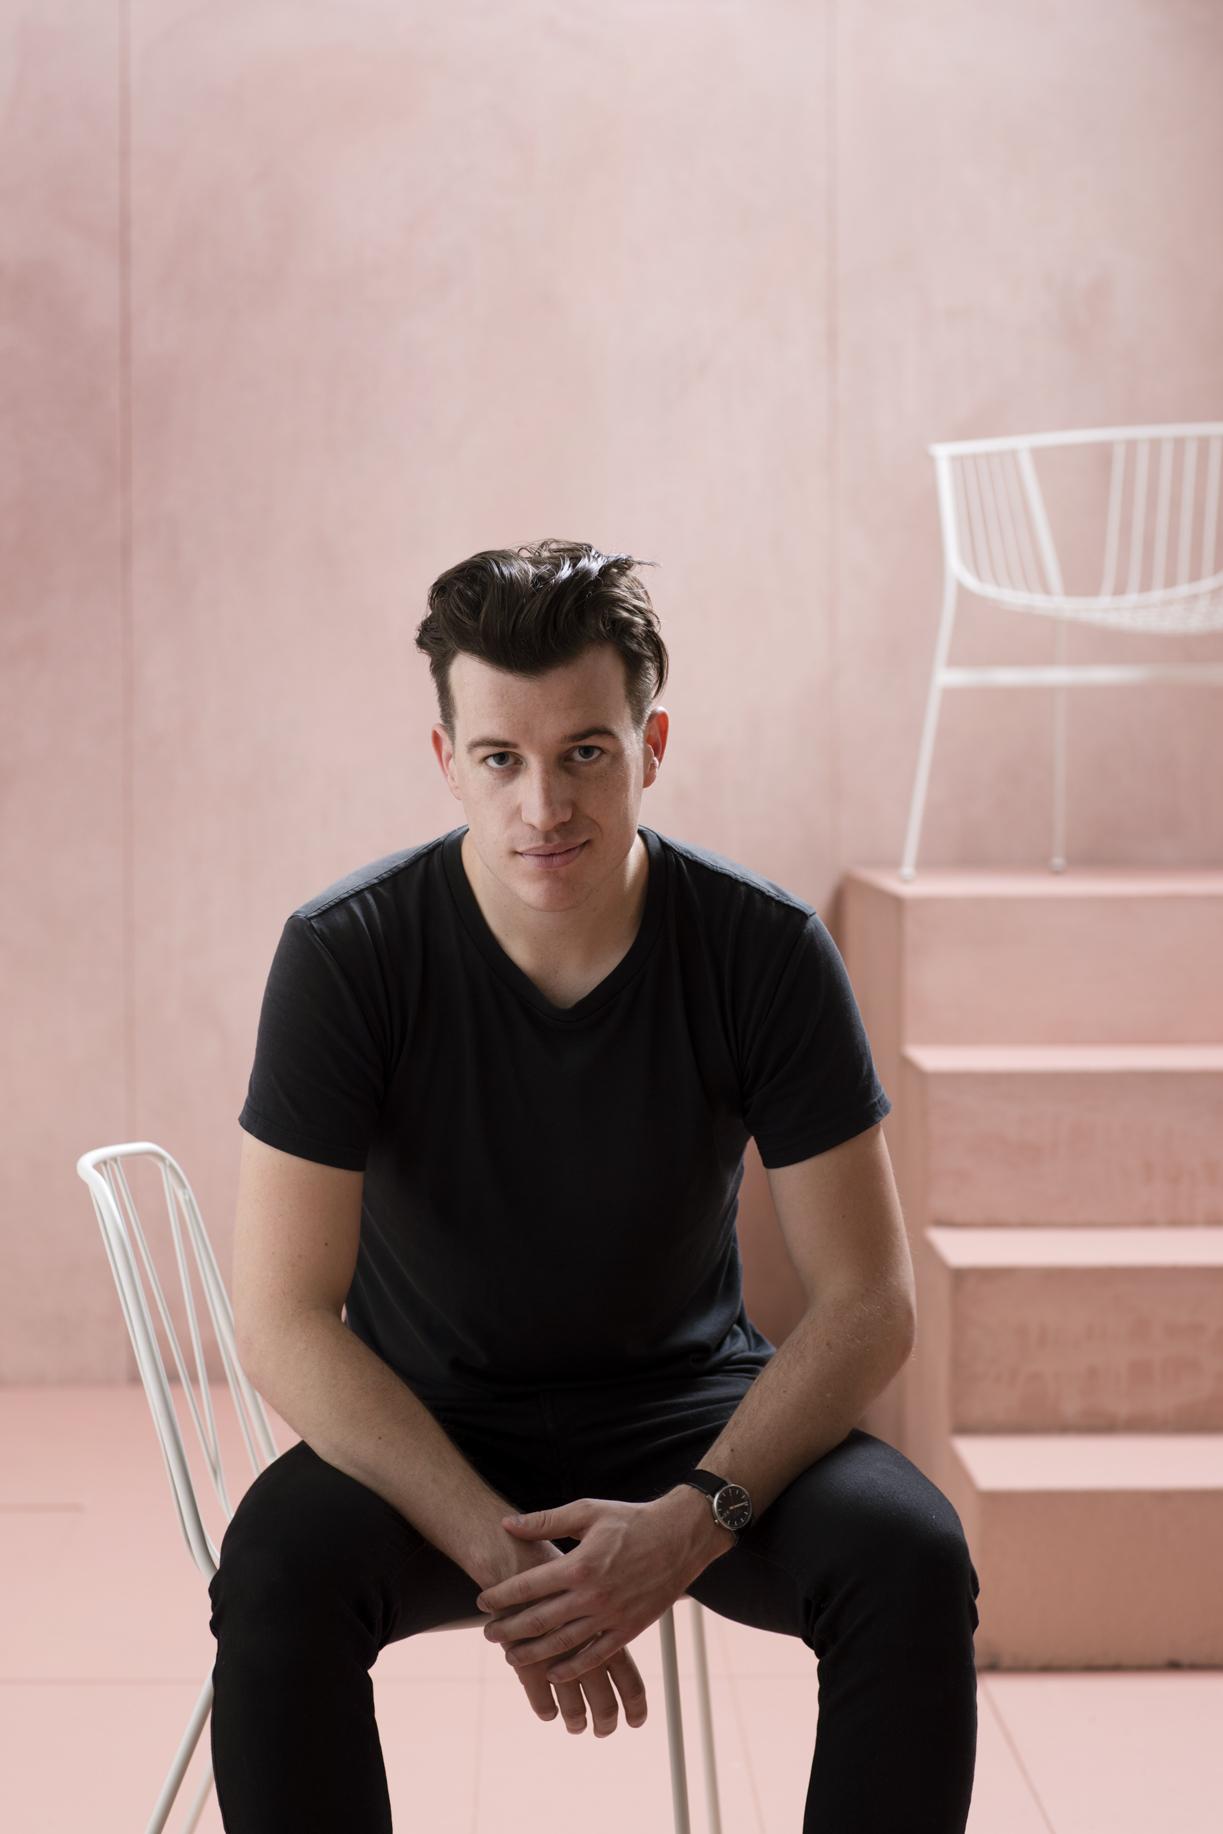 Australian designer Tom Fereday